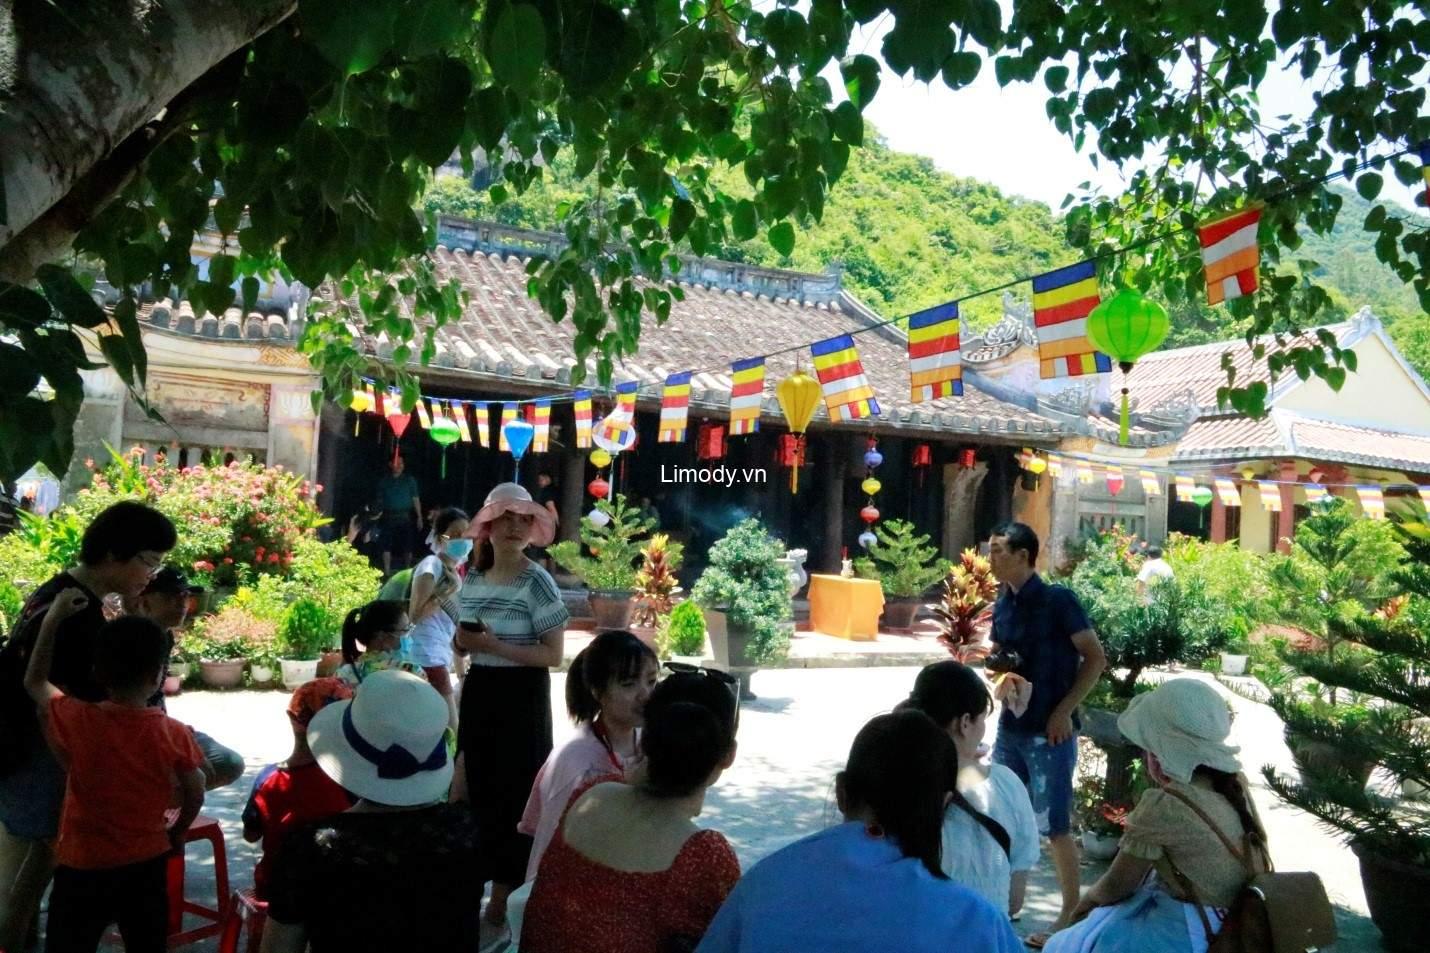 Tour Cù Lao Chàm Hội An 1 ngày giá rẻ: Thông tin chi tiết nhất từ A-Z